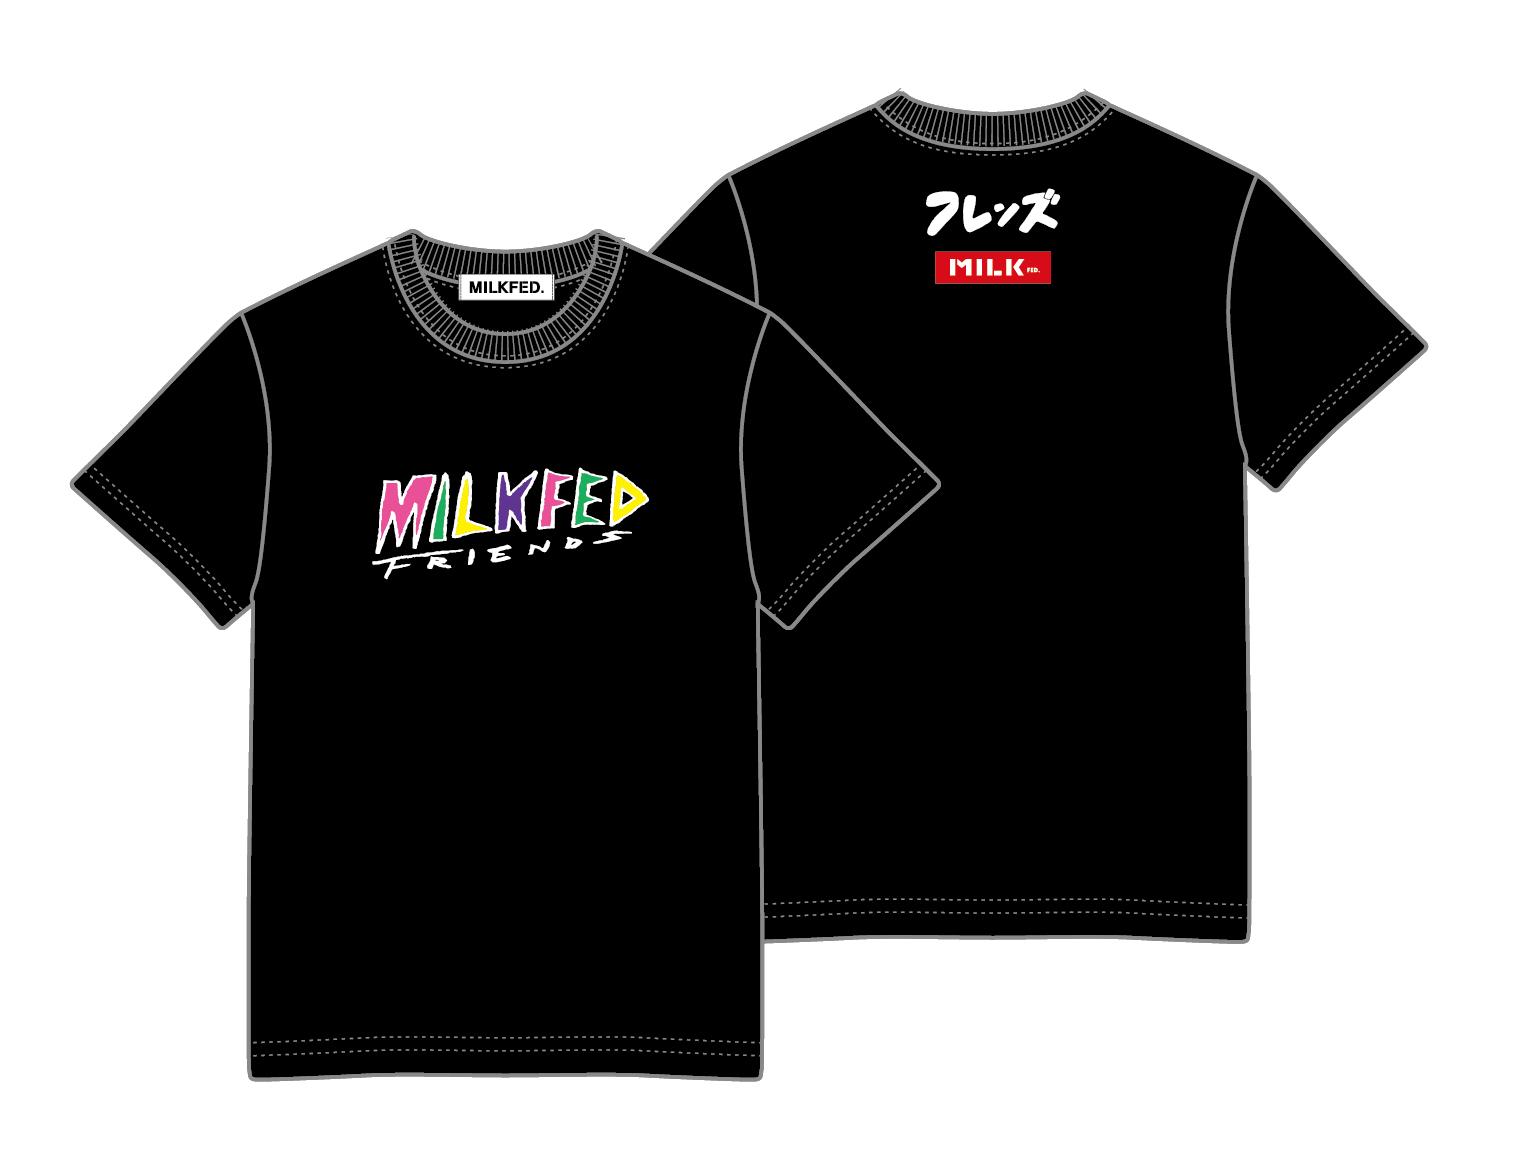 【配送商品】フレンズ × MILKFED. コラボTシャツ BLACK(M)の画像